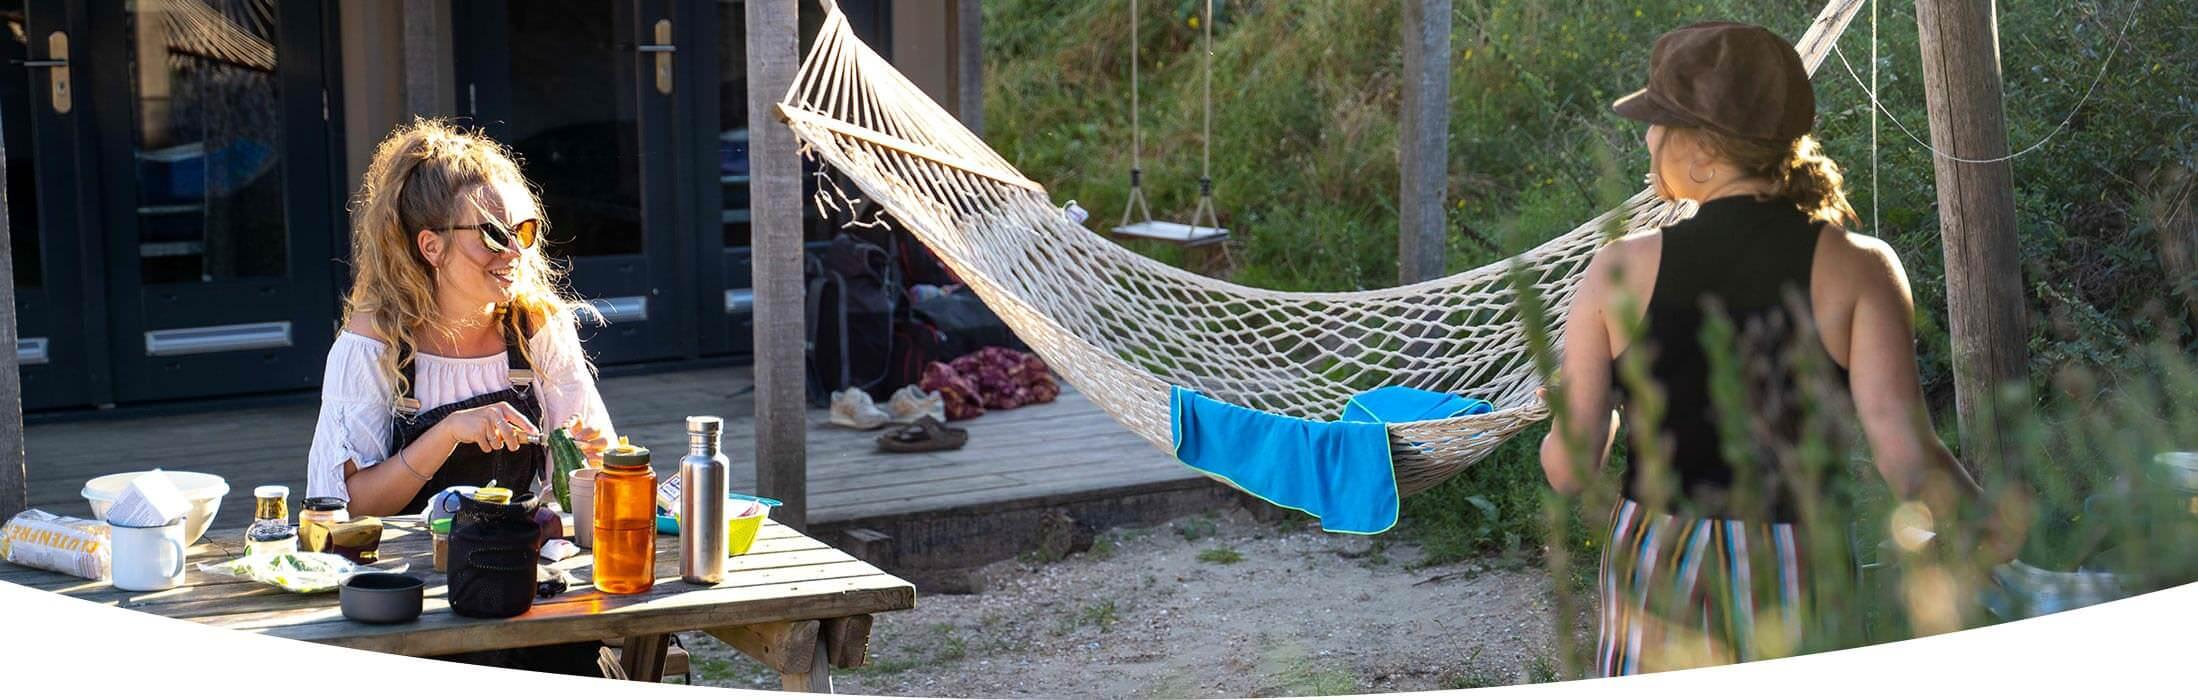 Hängmattor för campingplatser och B&B